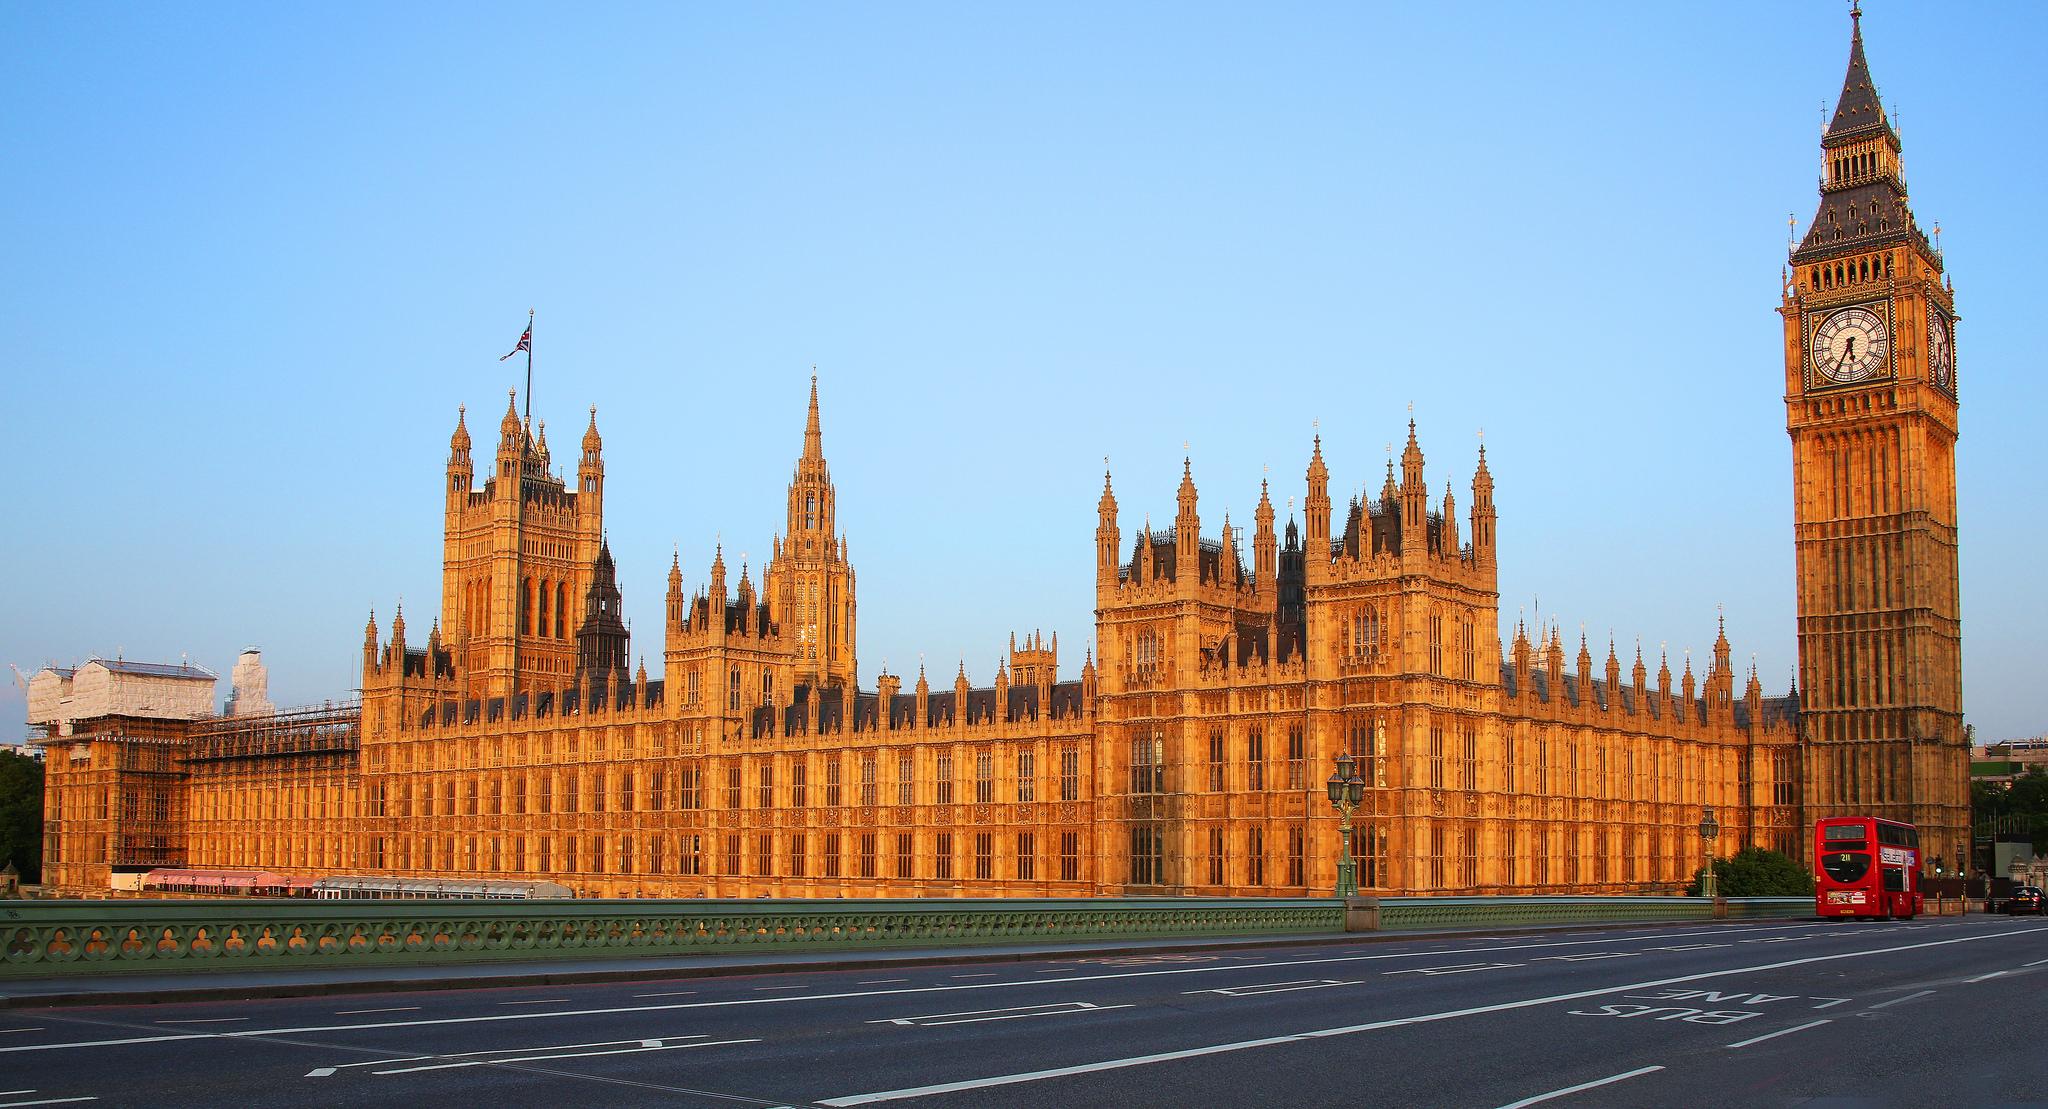 à¸à¸¥à¸à¸²à¸£à¸à¹à¸à¸«à¸²à¸£à¸¹à¸à¸à¸²à¸à¸ªà¸³à¸«à¸£à¸±à¸ Houses of Parliament